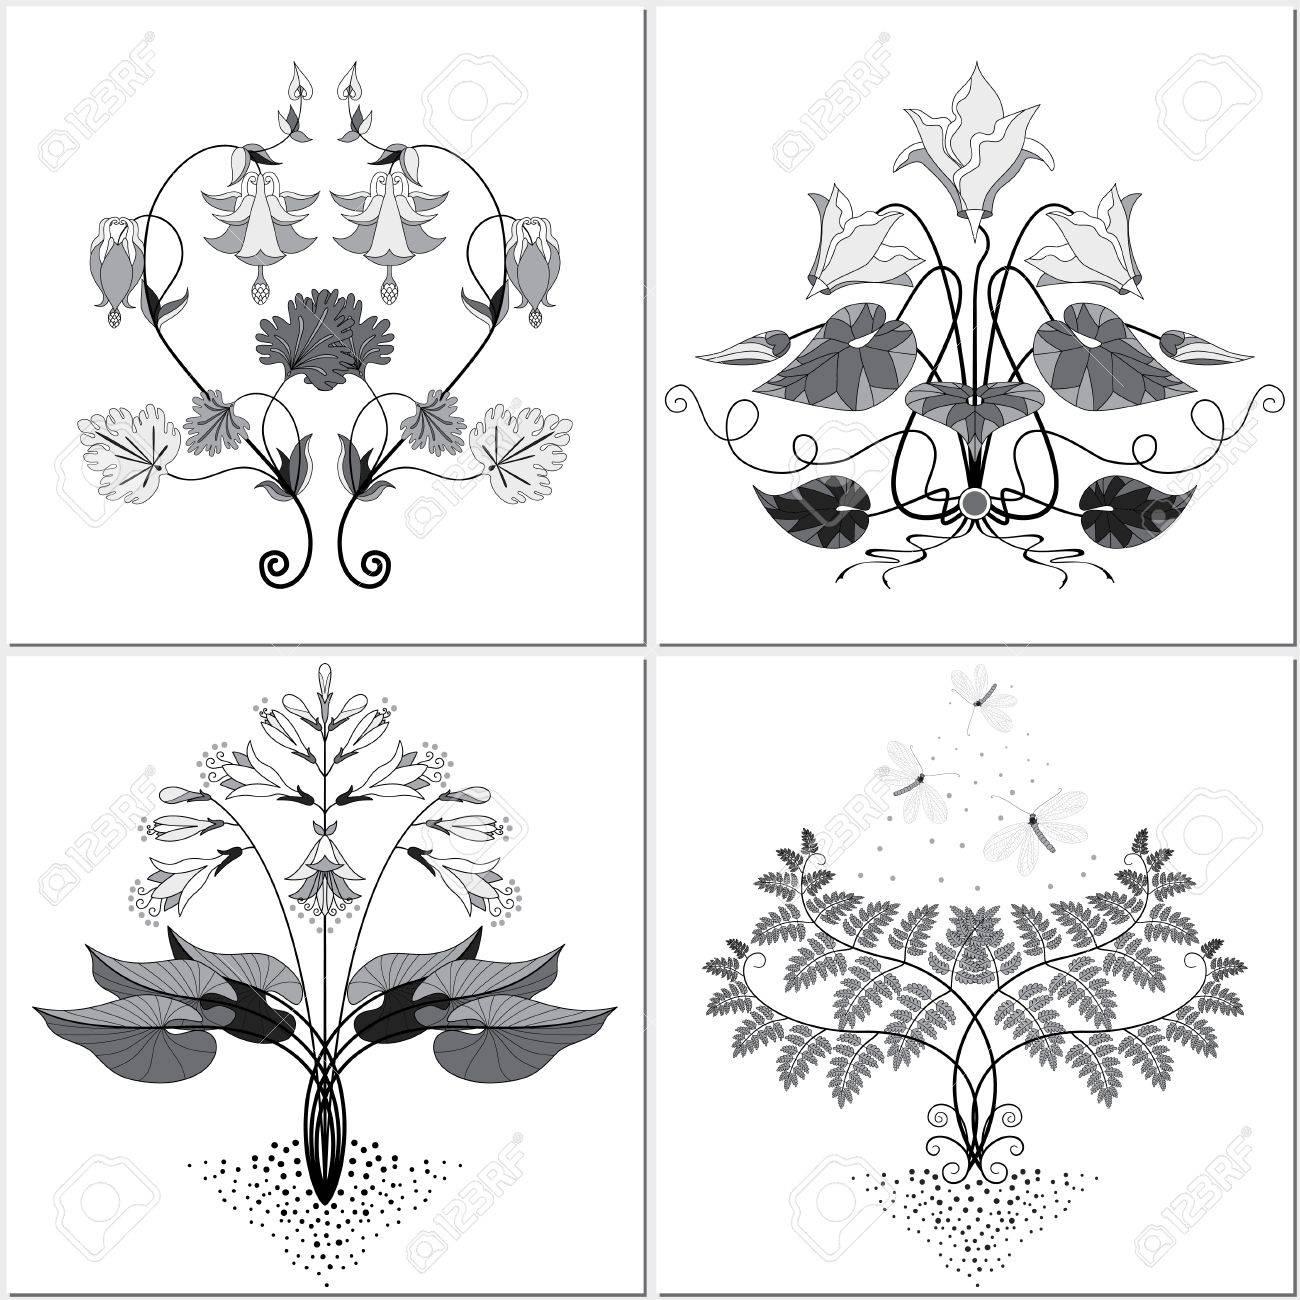 Ensemble Vectoriel De Quatre Elements Floraux Pour Creer Des Motifs